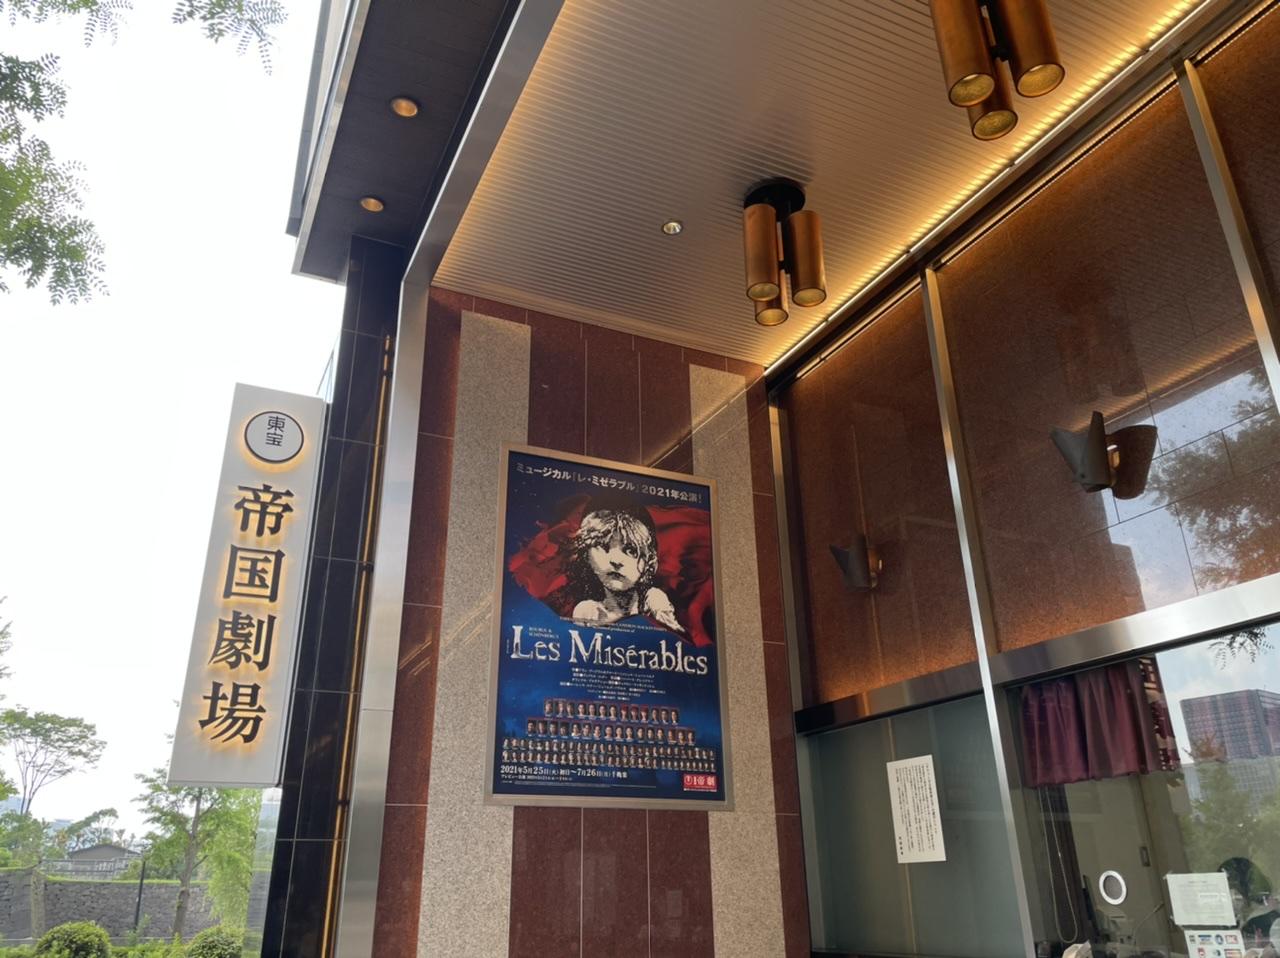 帝国劇場の入り口